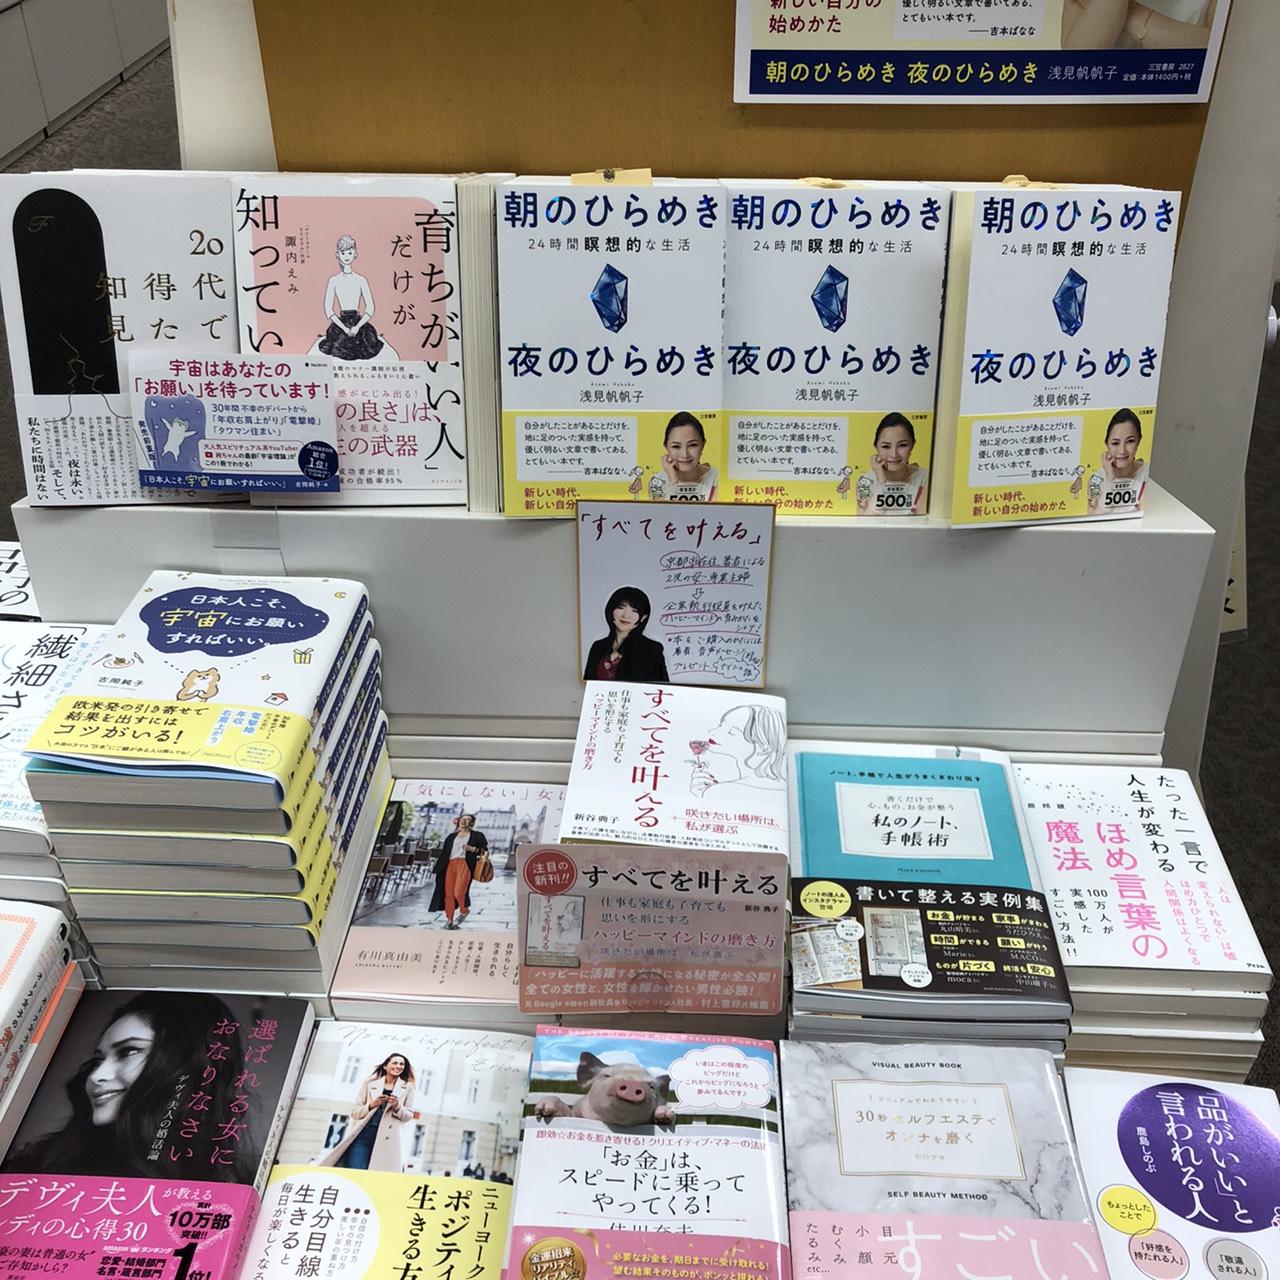 新刊『すべてを叶える』に、明橋先生から推薦コメントを頂きました!の画像4